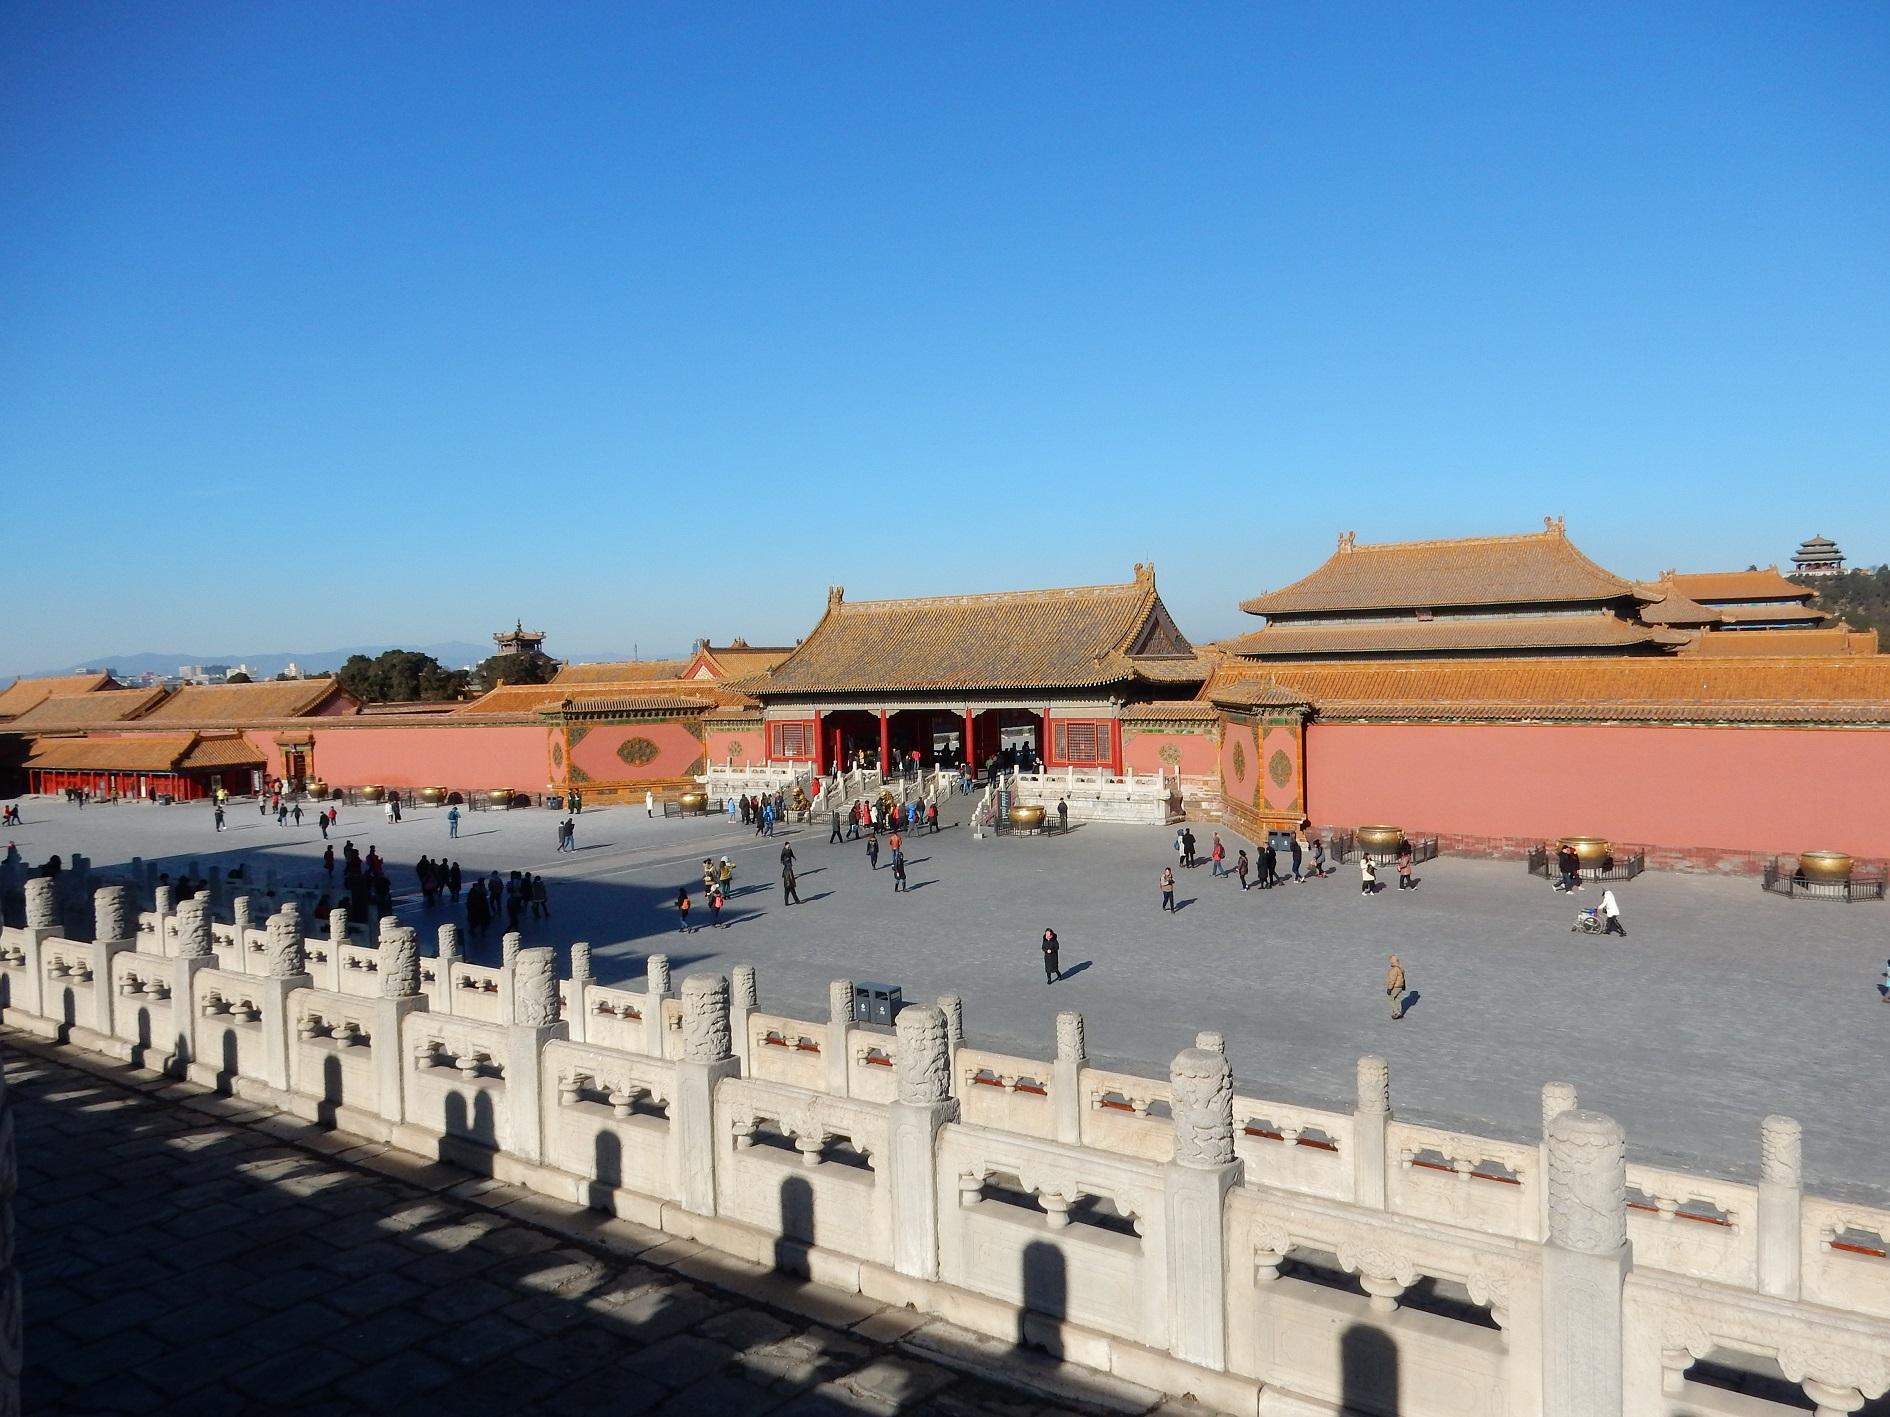 Beijing_Forbidden_City_Tiltott_Varos_Peking_inside